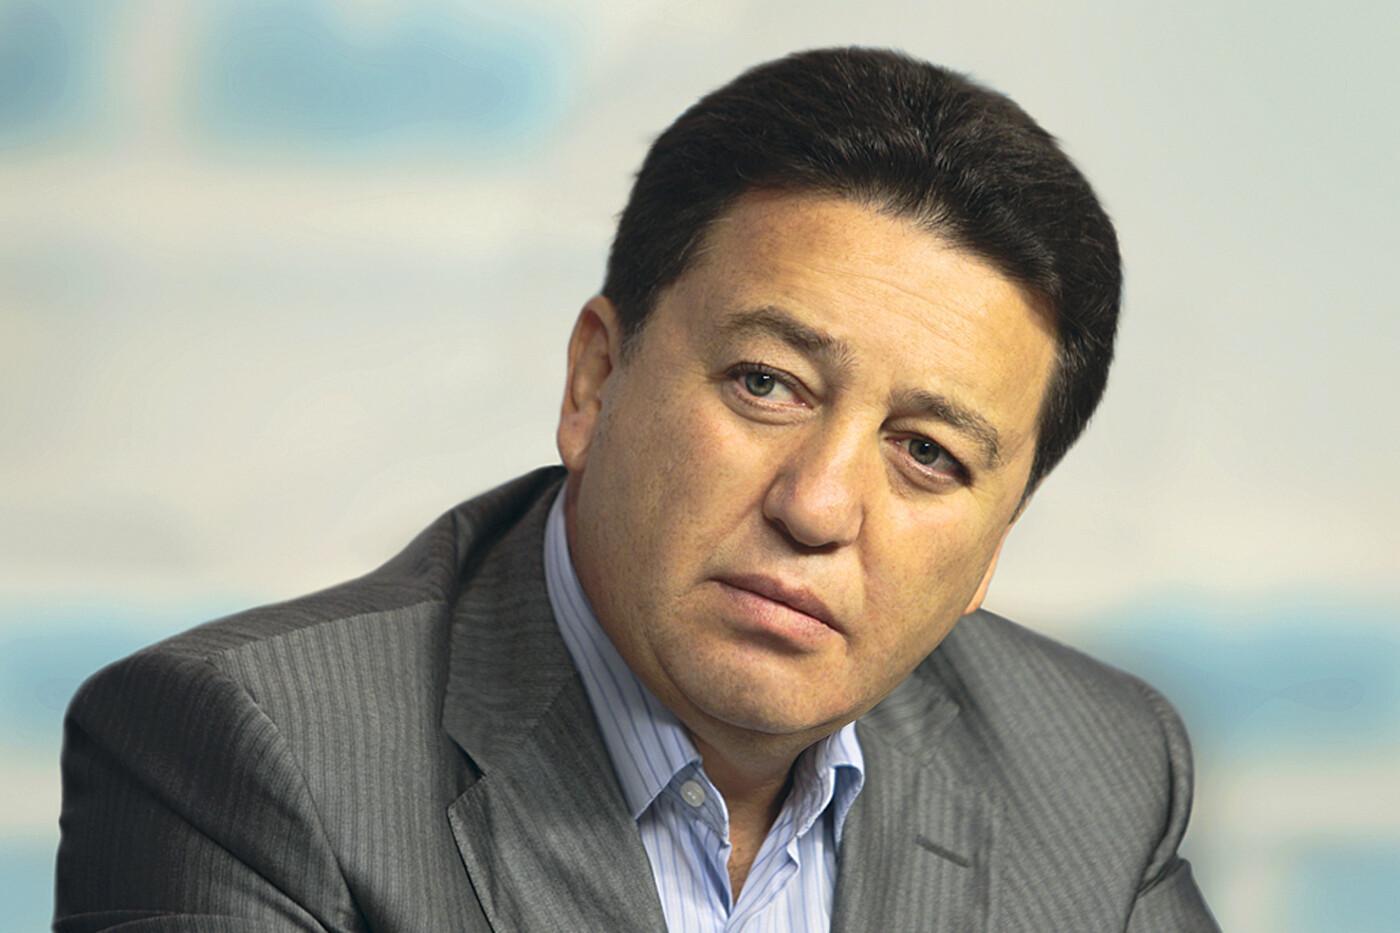 Счета в австрийских банках и полмиллиона долларов в «наличке». Что известно о новом министре из Харькова, - ФОТО, фото-2